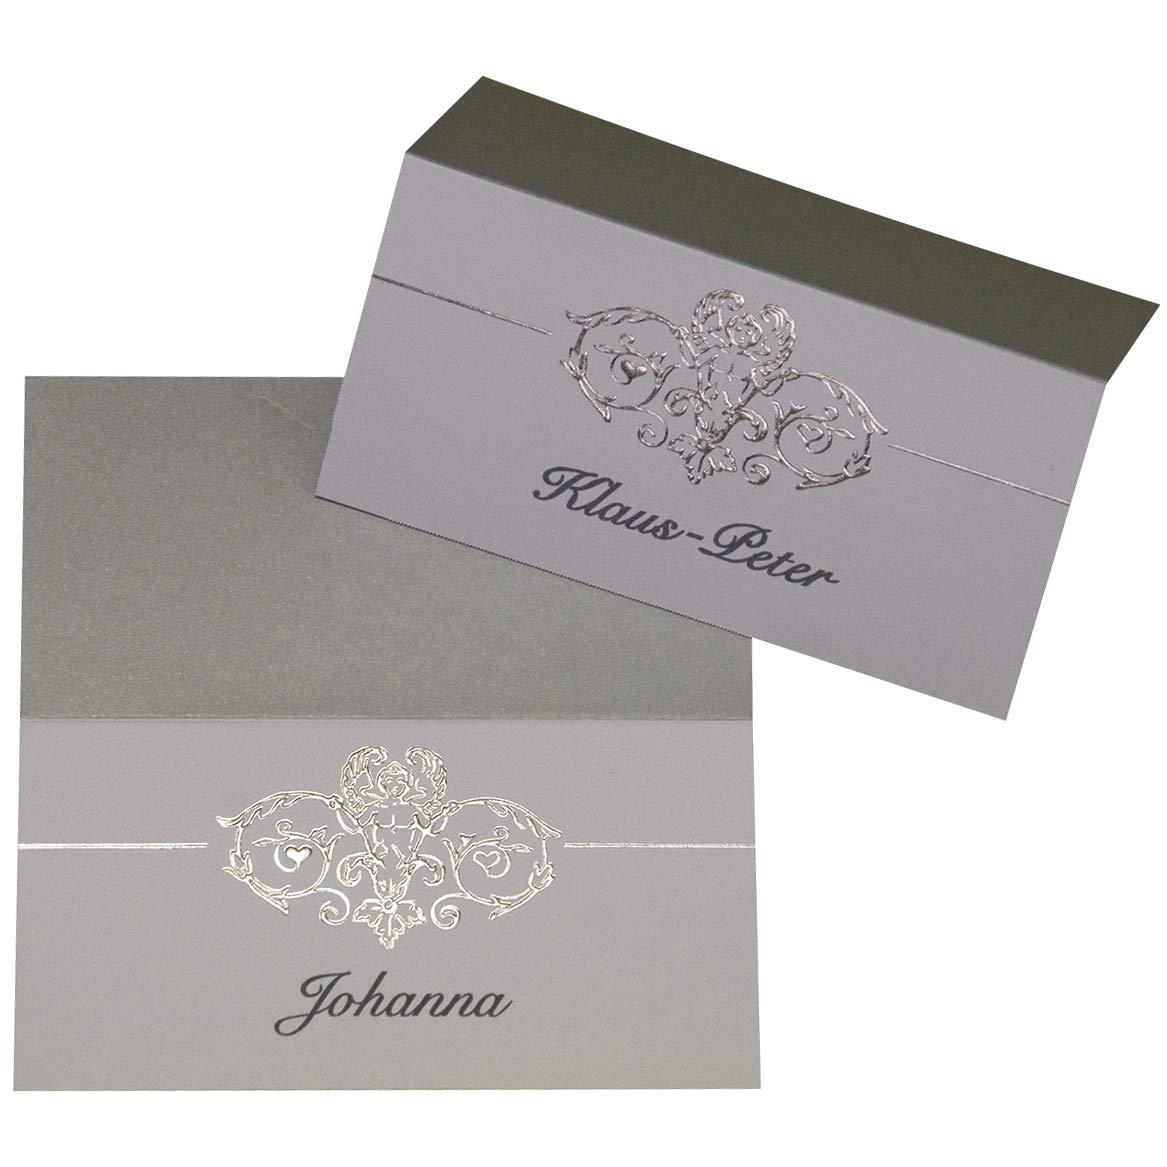 MyPaperSet 20 Platzkarten/Tischkarten mit Motiv aus Silberfolie, Herzen, Ranke - zur Hochzeit, Jubiäum - Zum Selberbedrucken